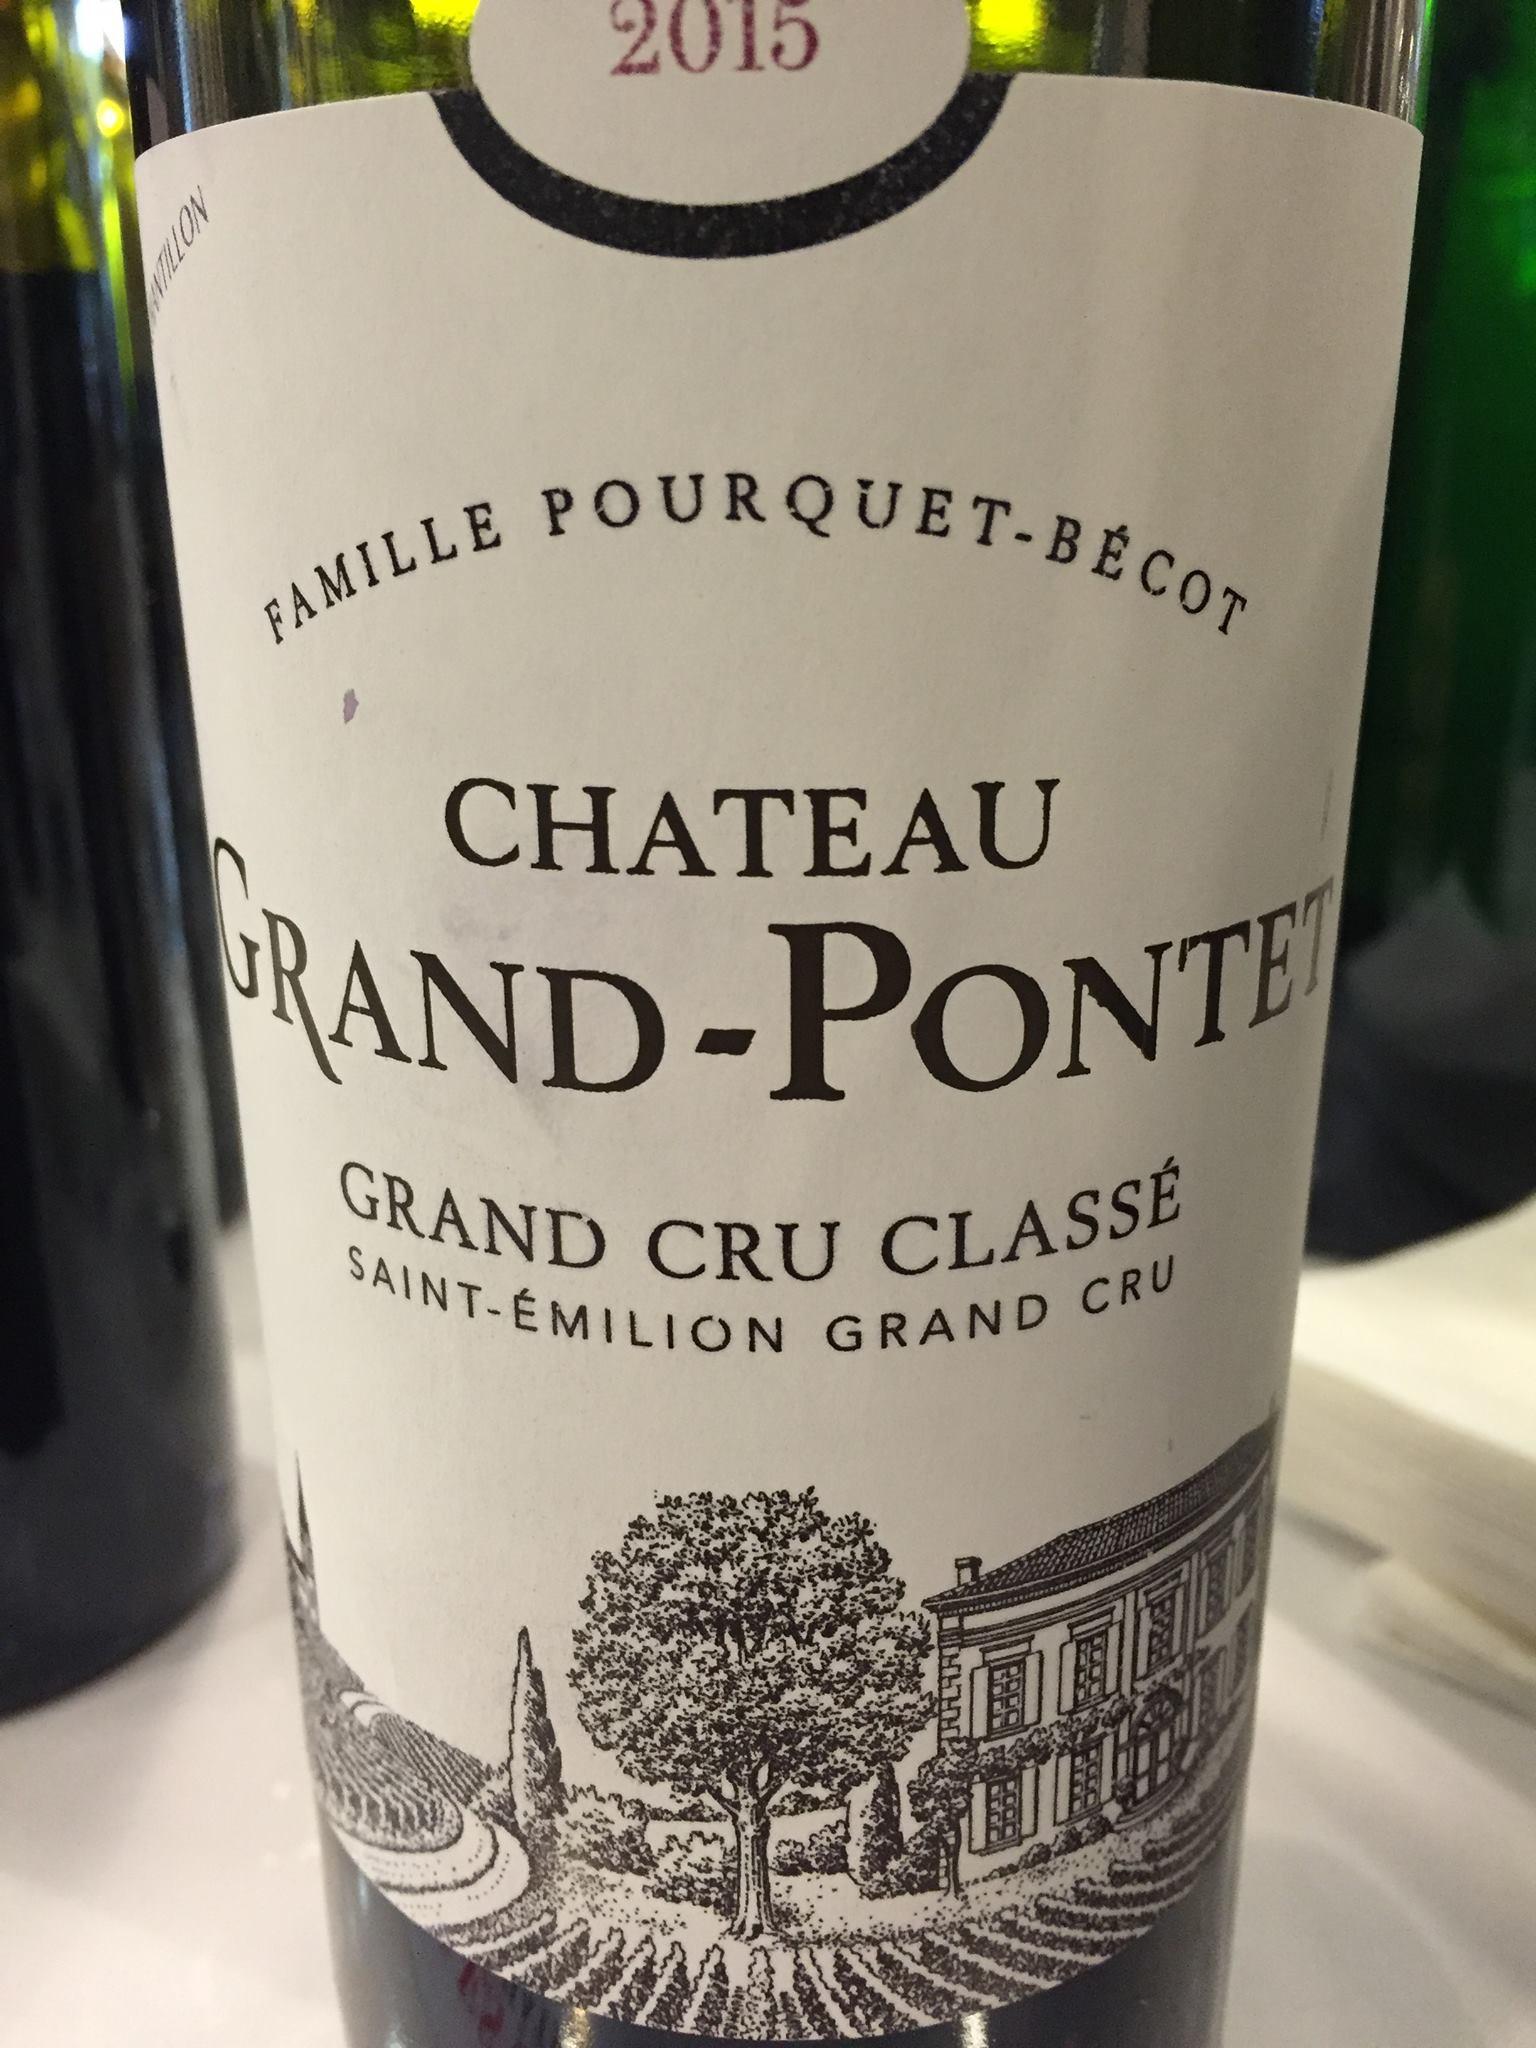 Château Grand-Pontet 2015 – Saint-Emilion Grand Cru, Grand Cru Classé